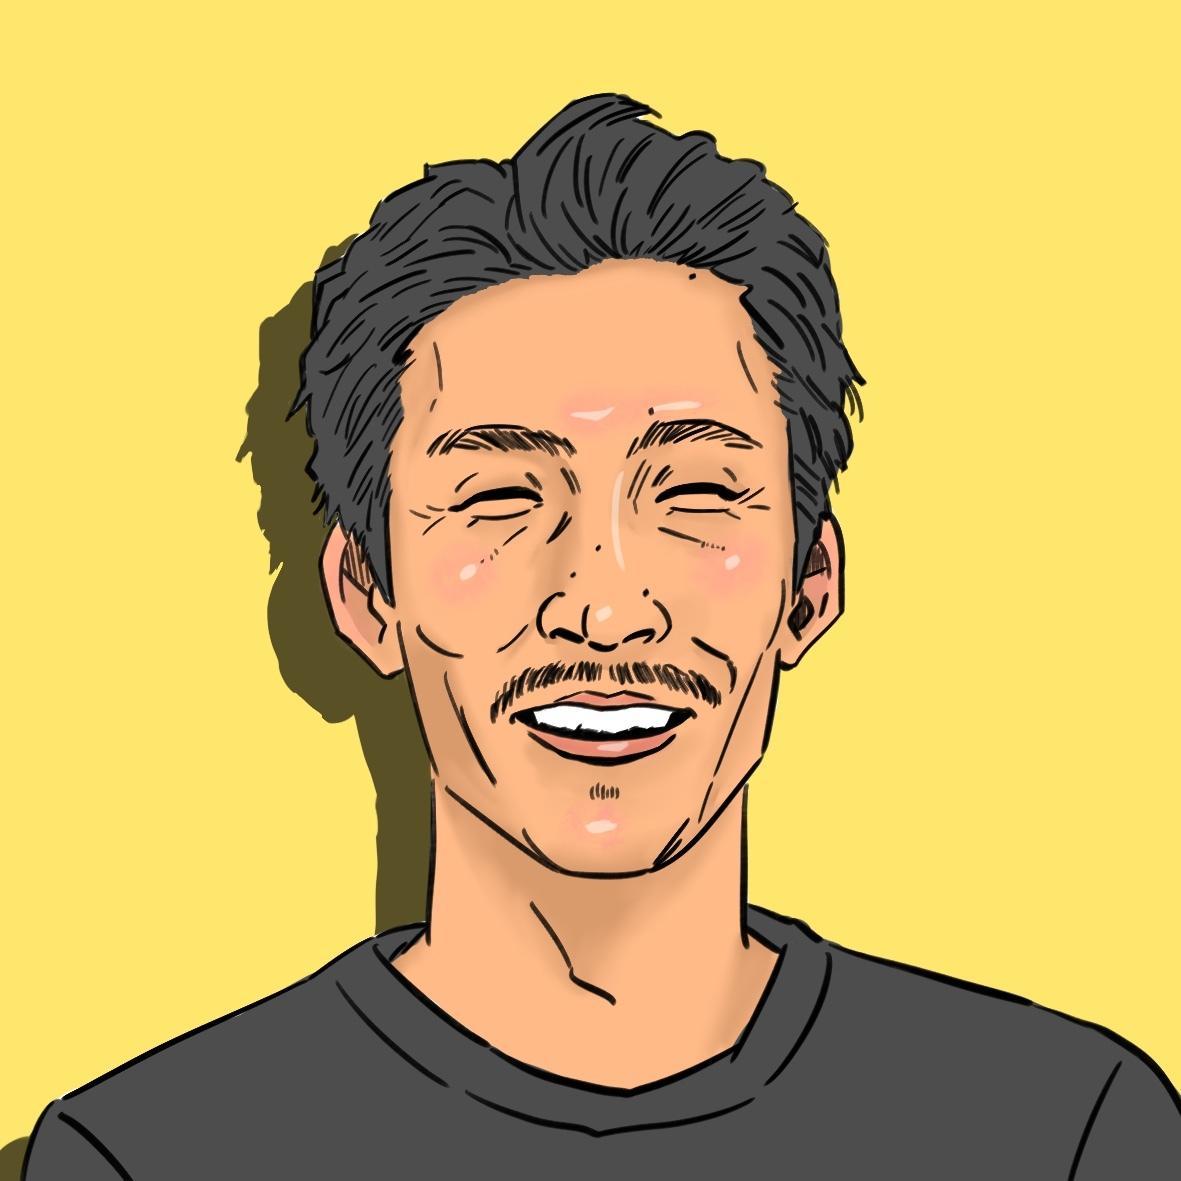 リアルすぎないシンプルな似顔絵をお描きします SNSのアイコンや名刺、プロフィール画像やプレゼントに!